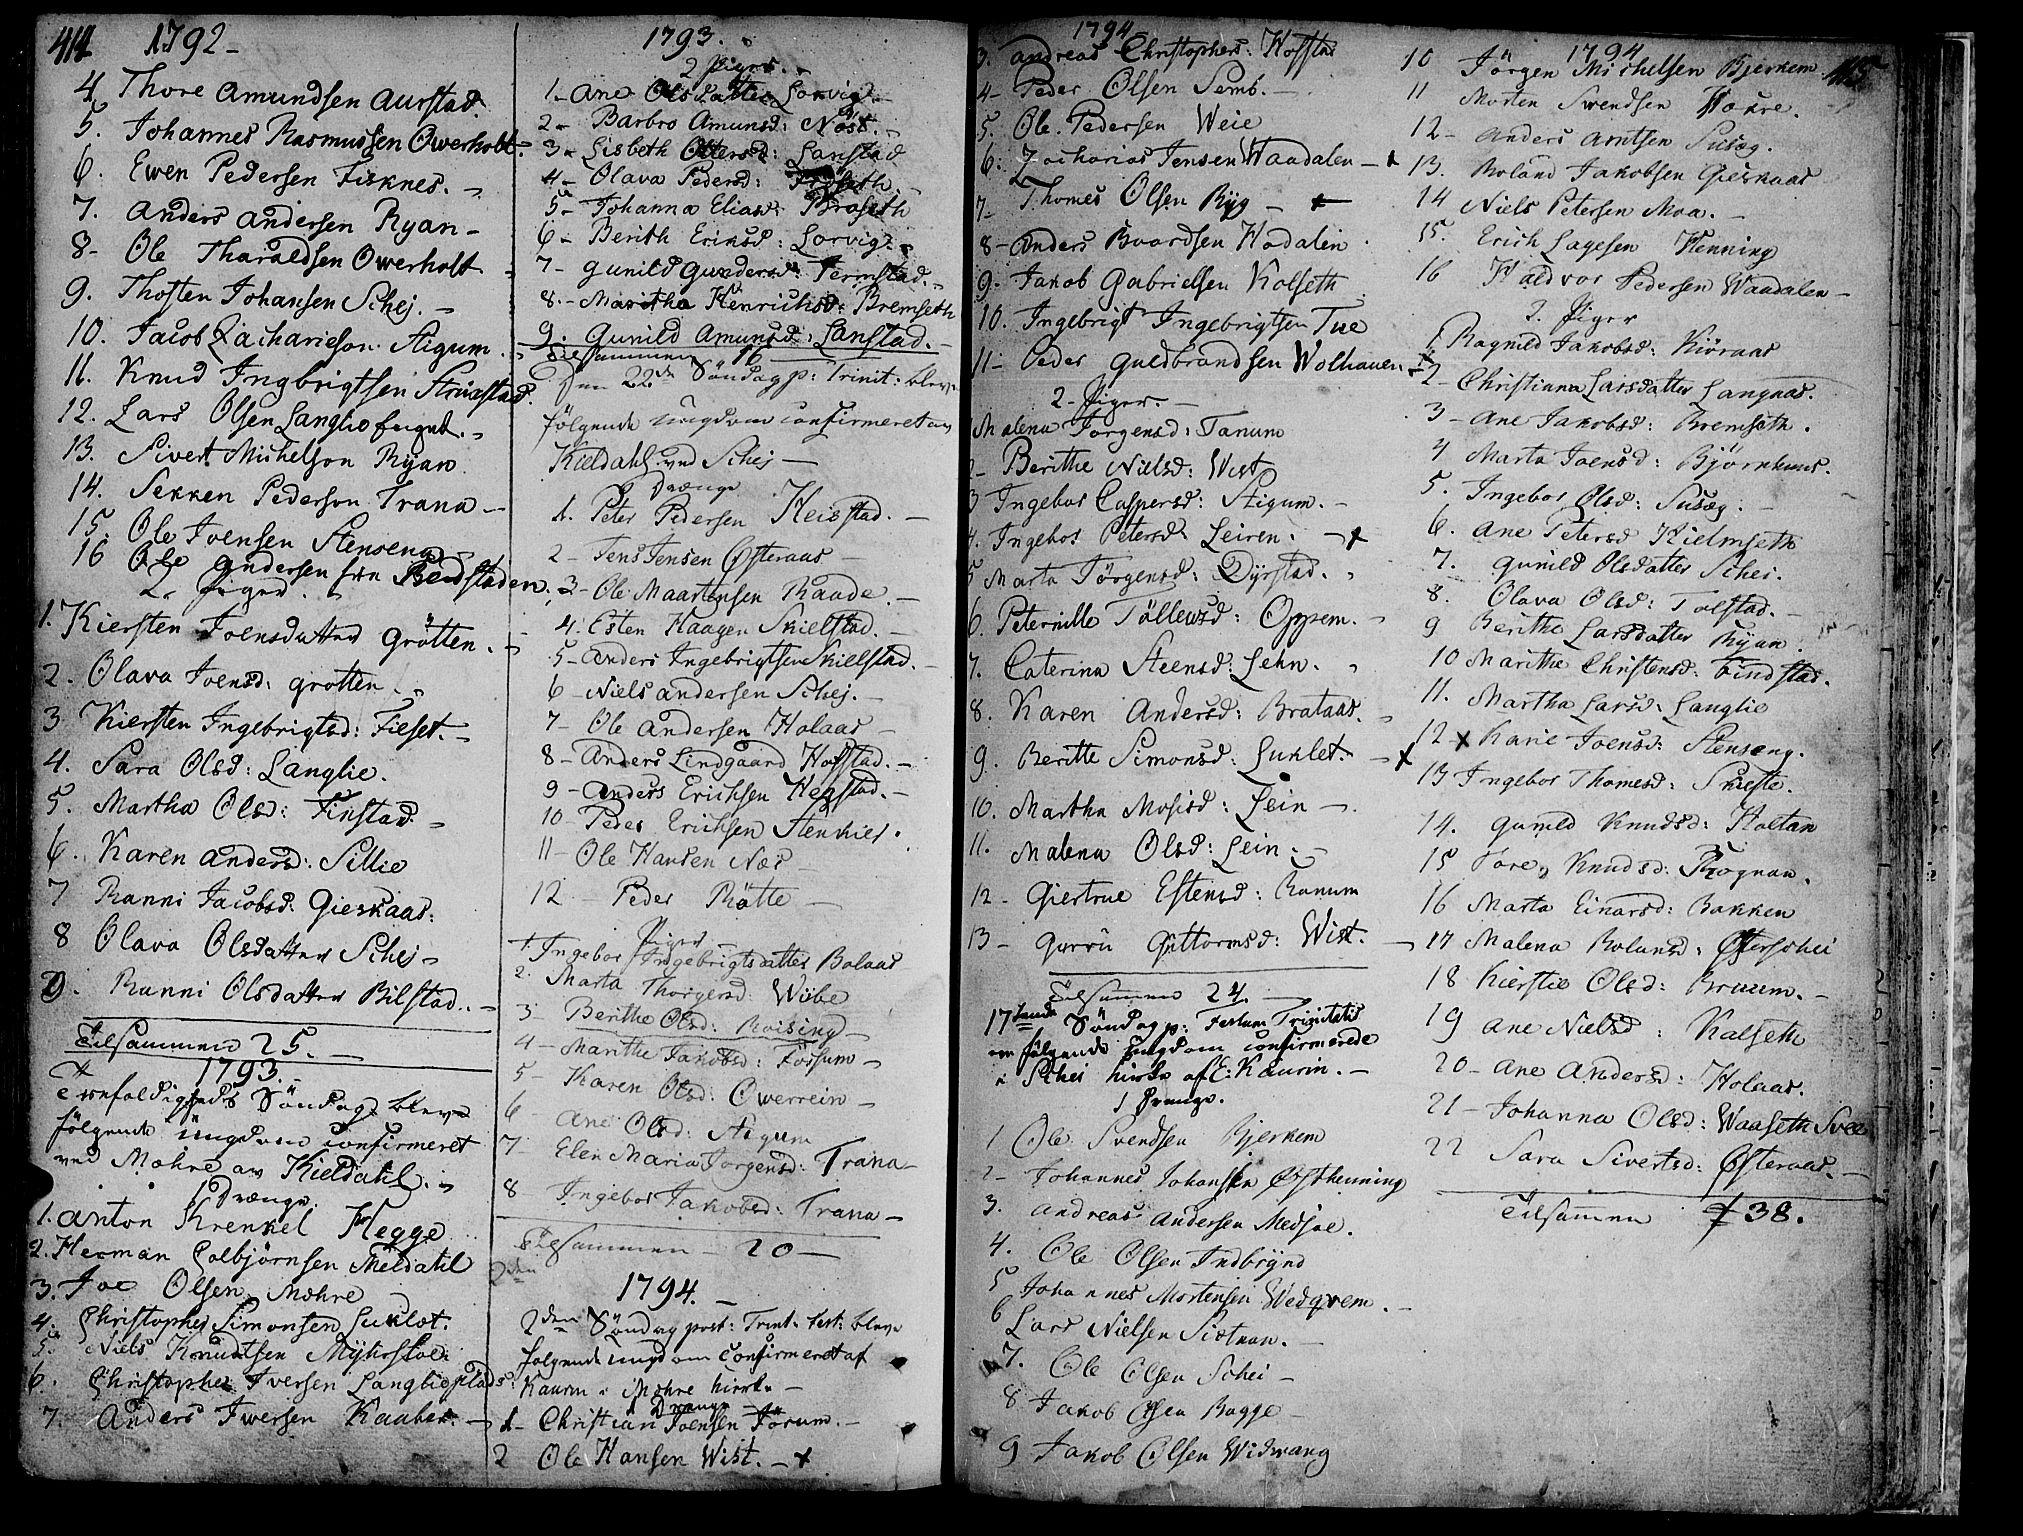 SAT, Ministerialprotokoller, klokkerbøker og fødselsregistre - Nord-Trøndelag, 735/L0331: Ministerialbok nr. 735A02, 1762-1794, s. 414-415